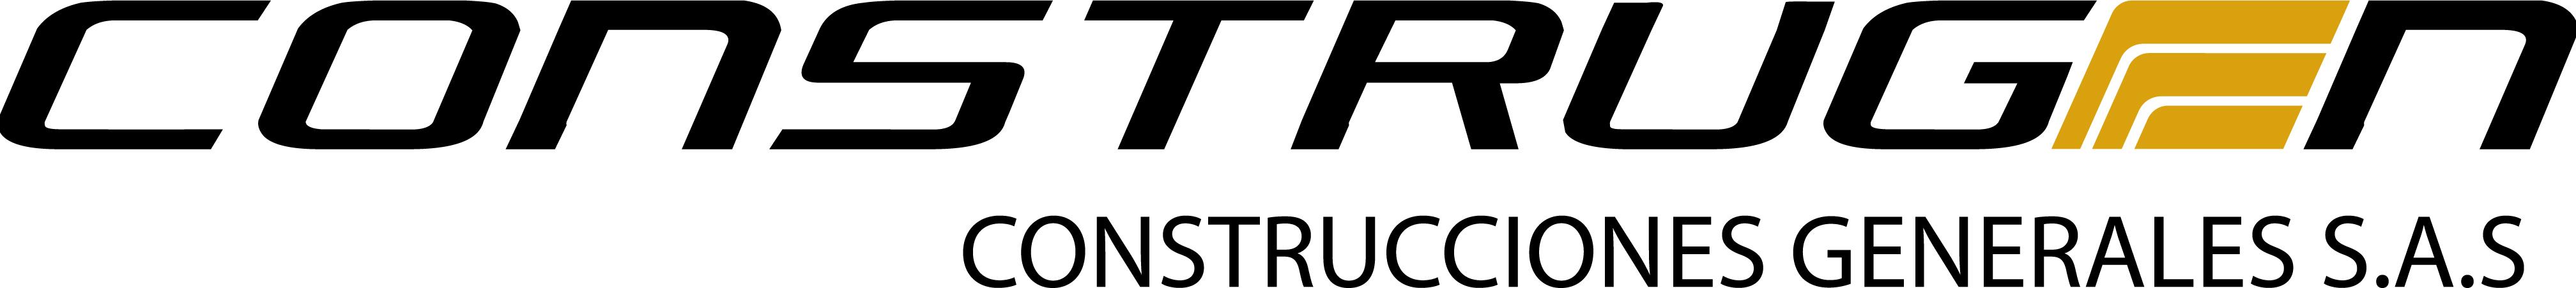 logos-clientes-Construgen